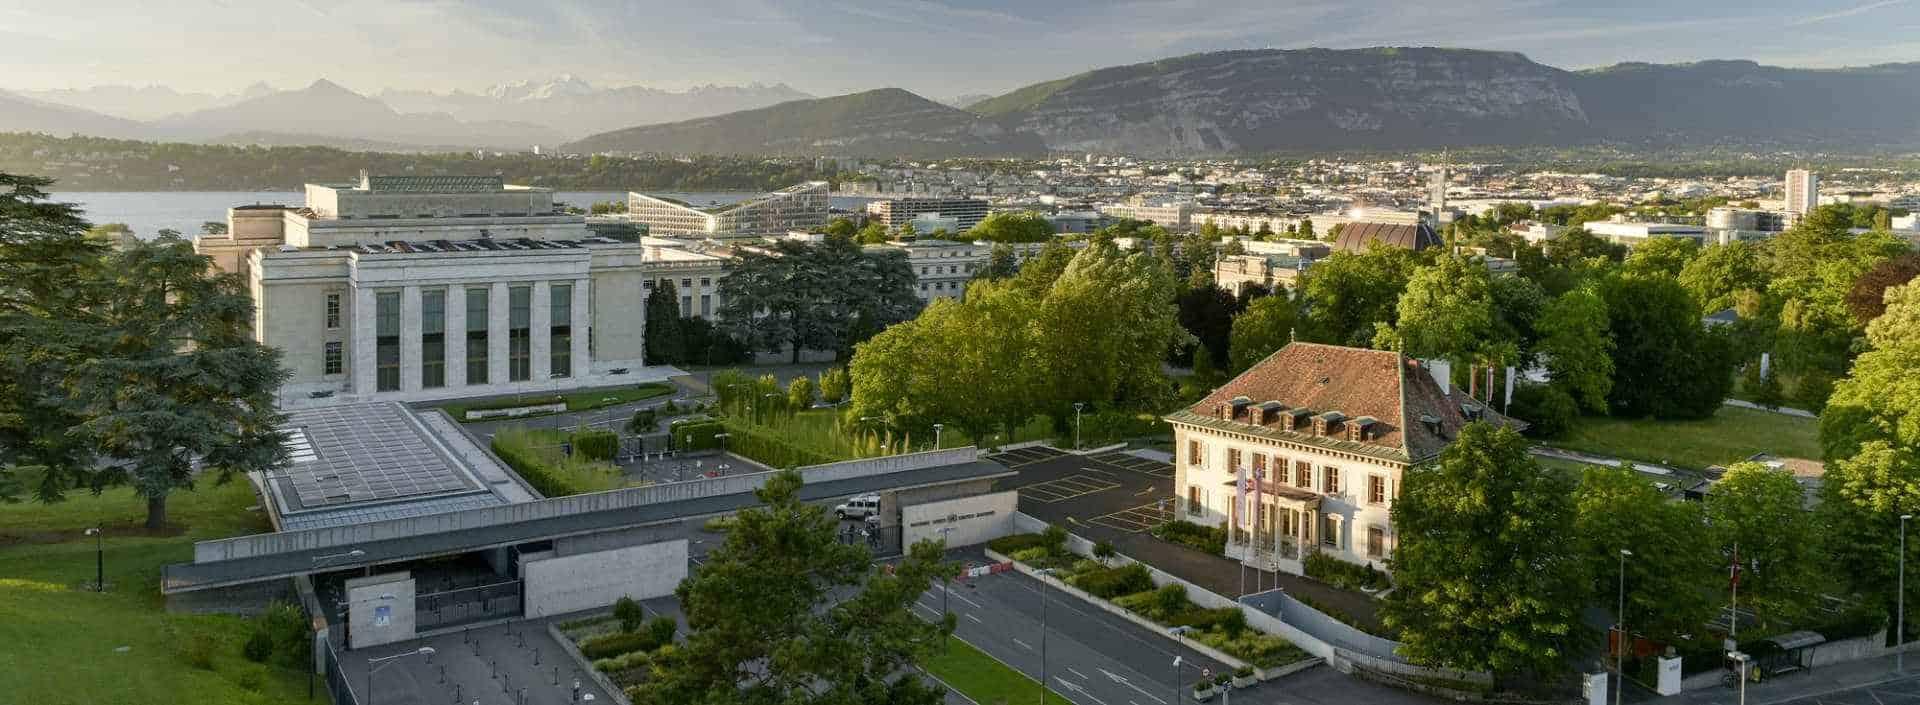 Comment se rendre à l'Ecole hôtelière de Genève en Suisse